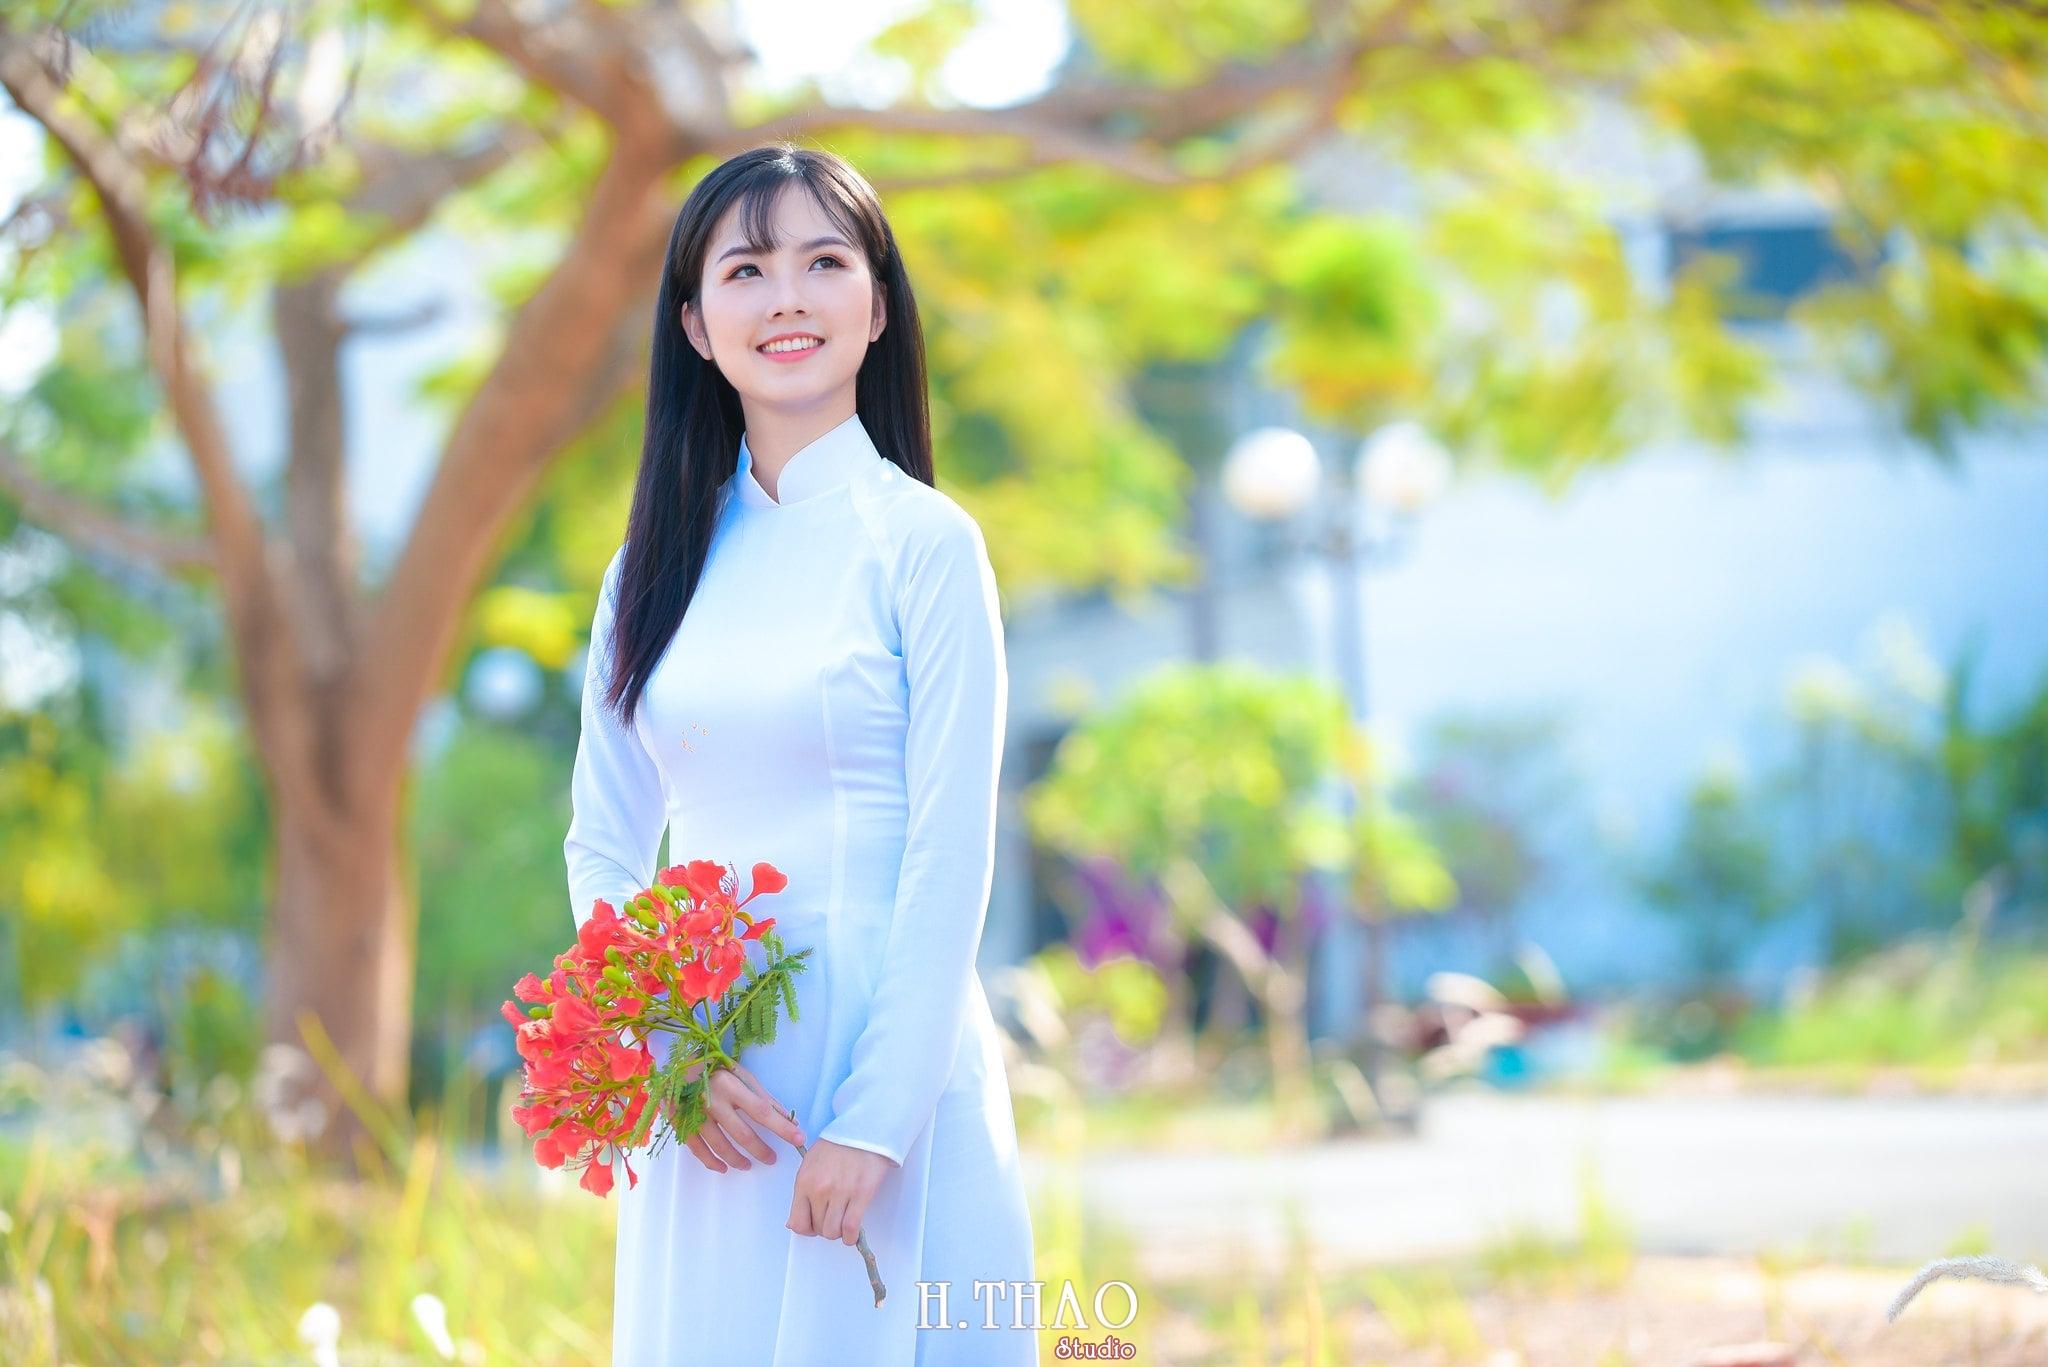 ao dai quan 2 17 - Bộ hình nữ sinh chụp với hoa phượng ở Sài Gòn tuyệt đẹp – HThao Studio